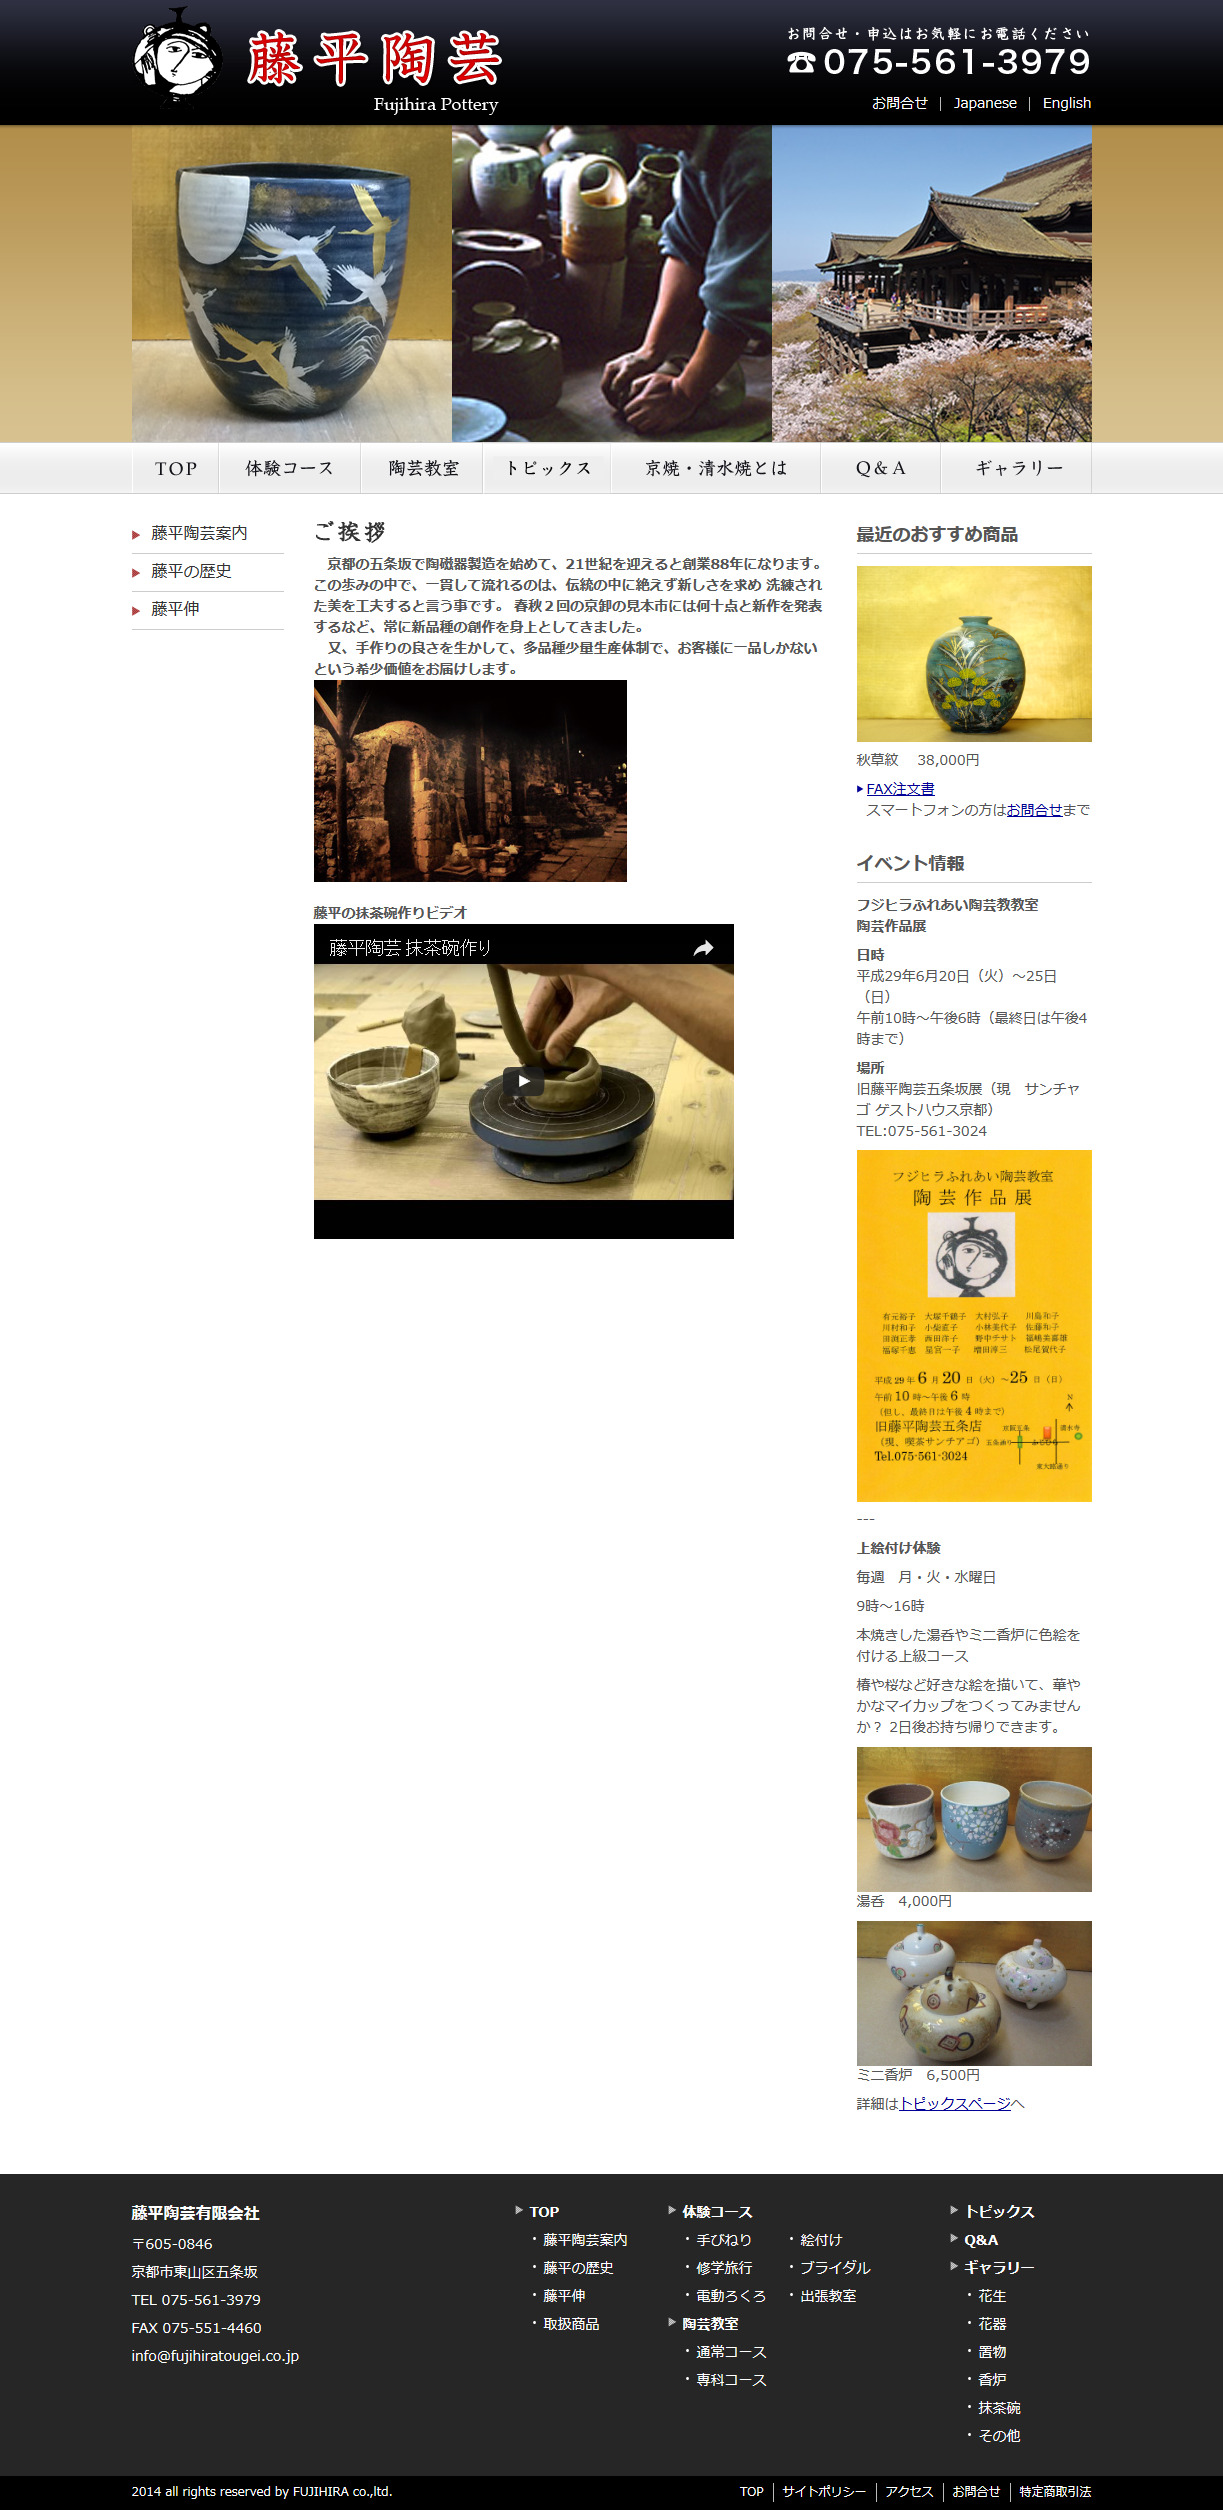 京都清水焼・京焼の藤平陶芸 PC版